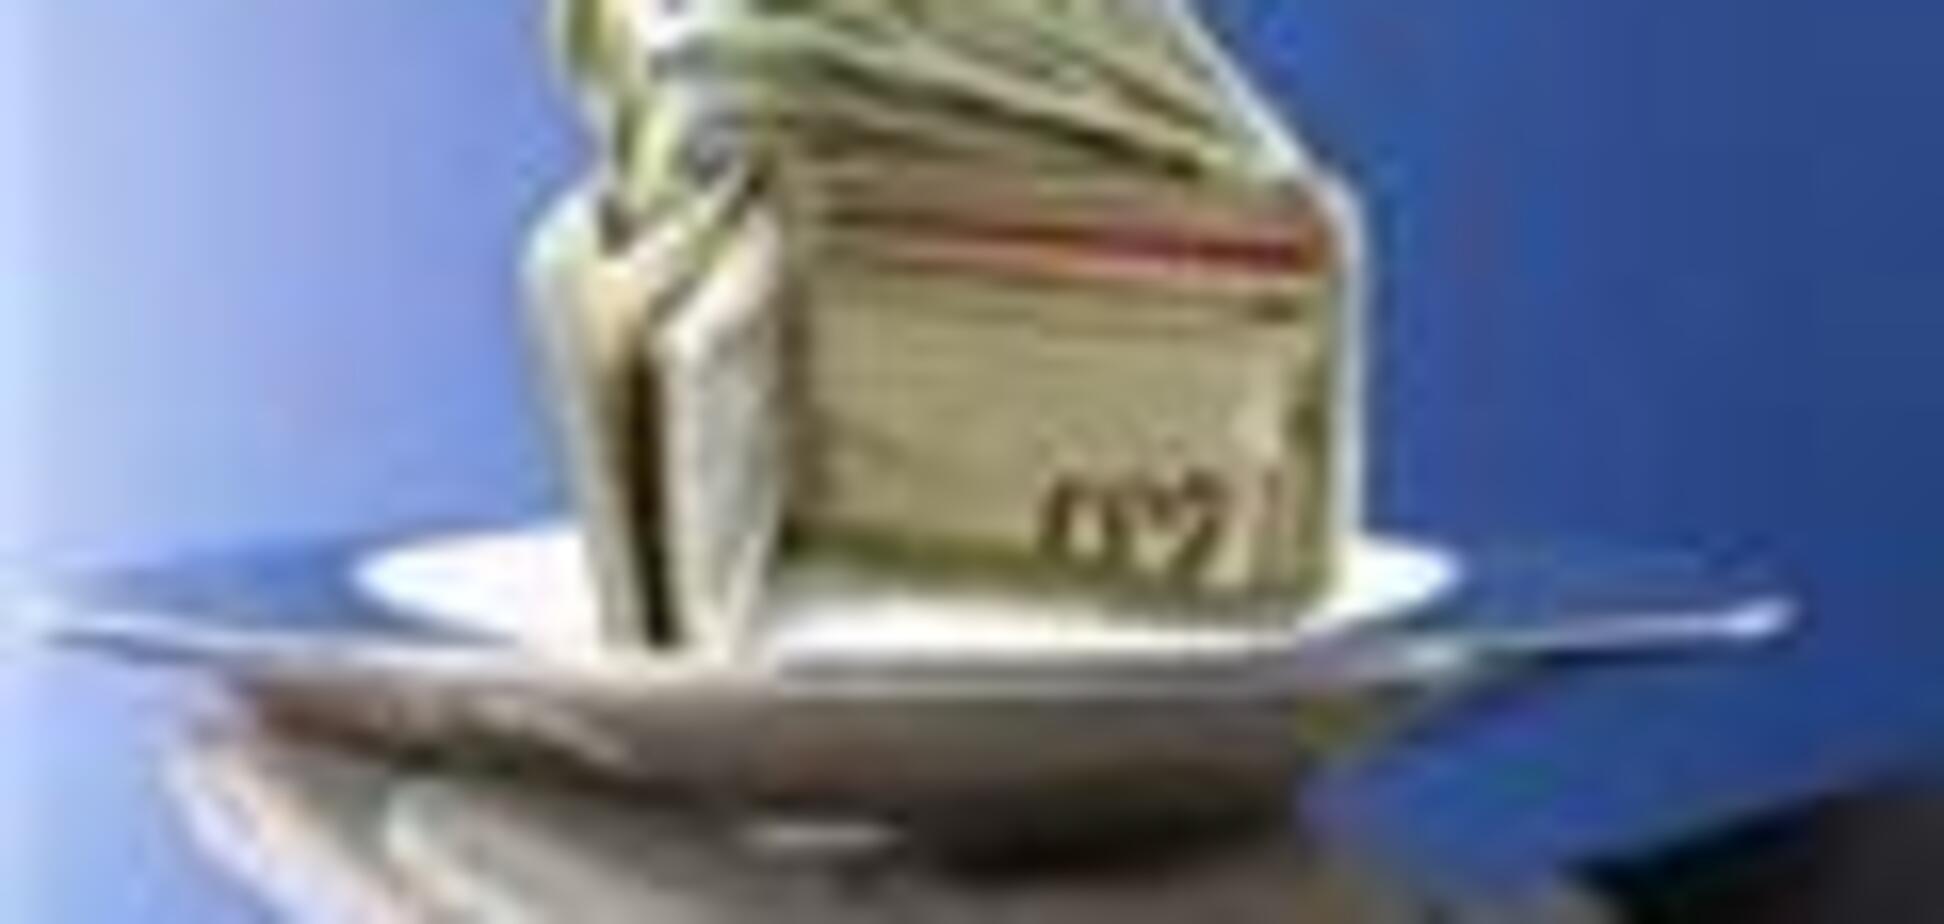 П'ять кредитних спілок позбавили ліцензій